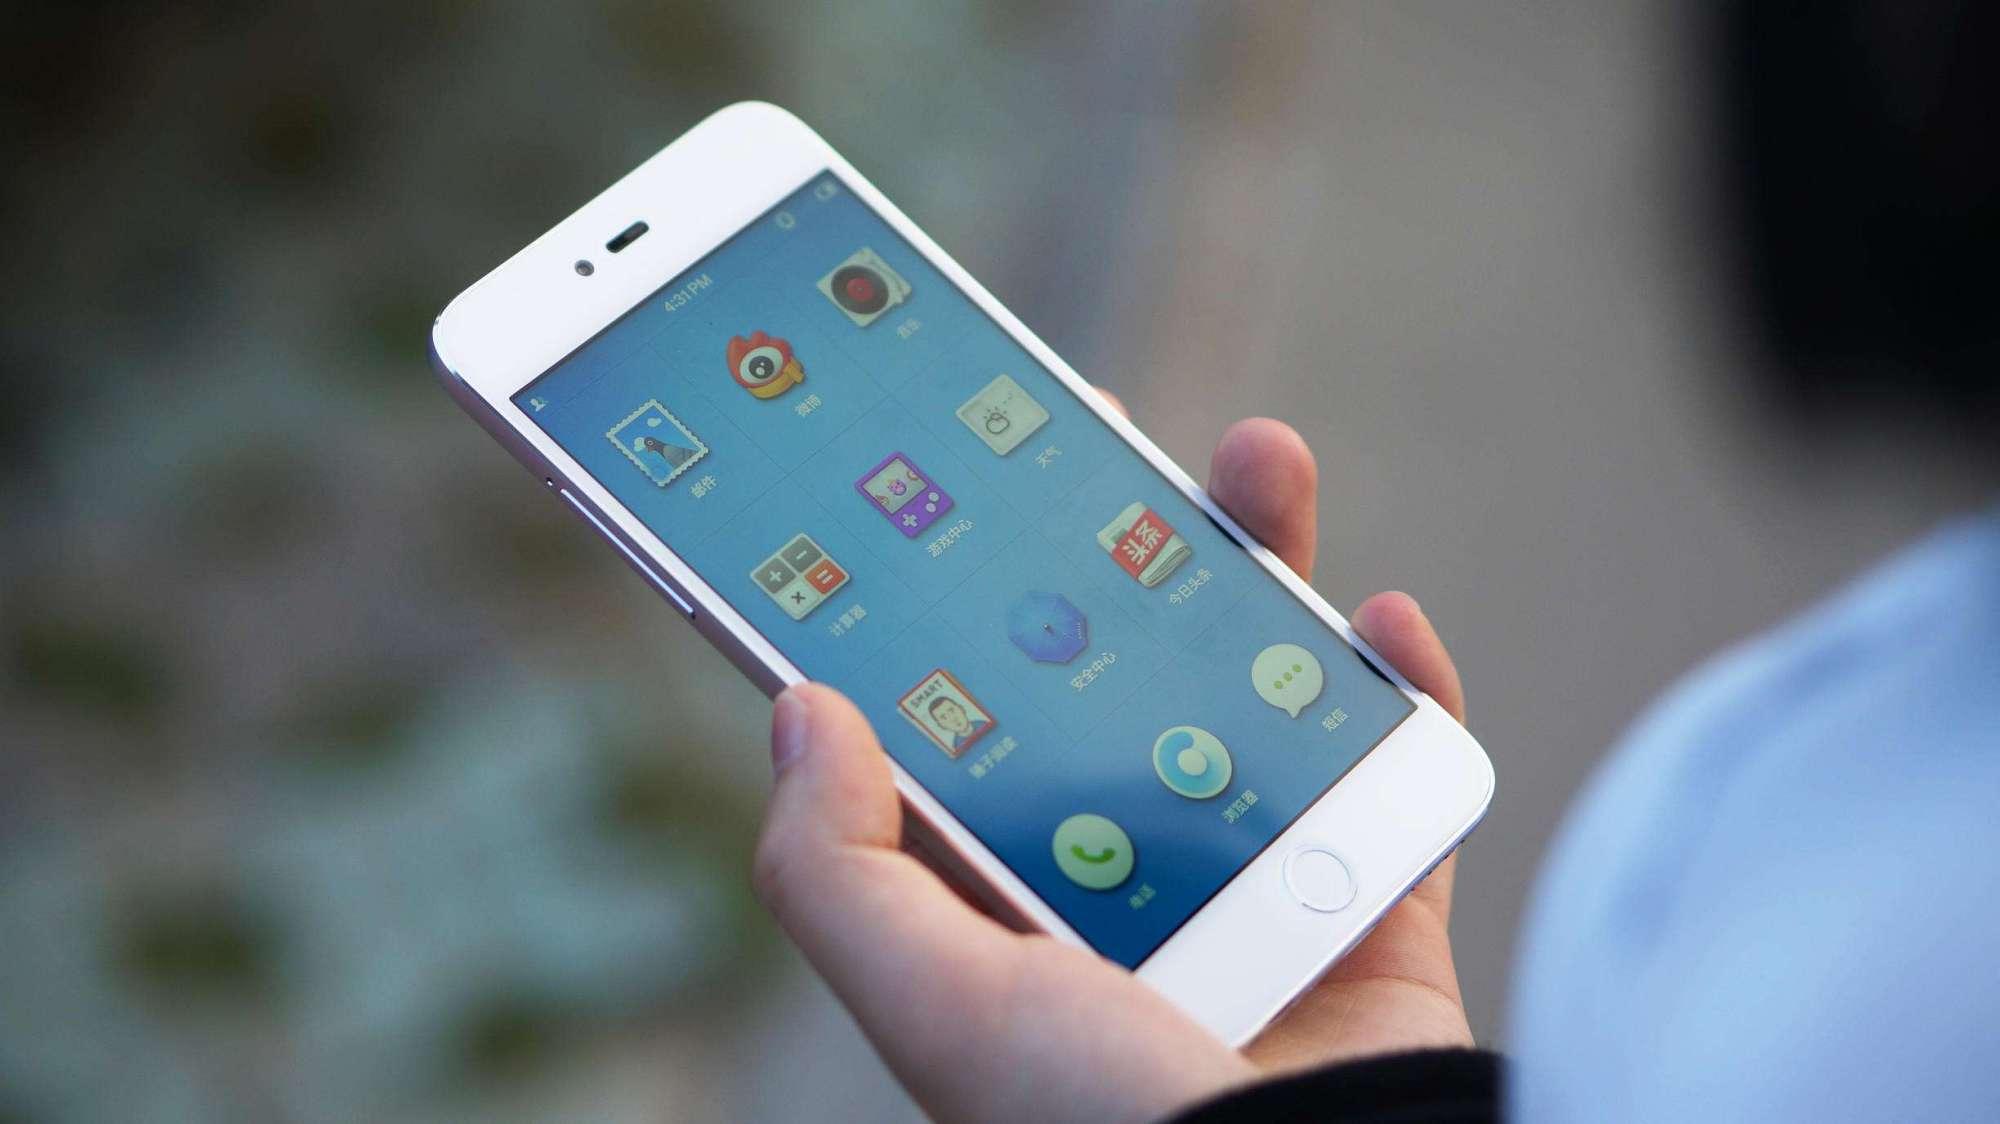 安卓手机系统UI排行榜:小米第六,魅族第四,榜首实至名归!